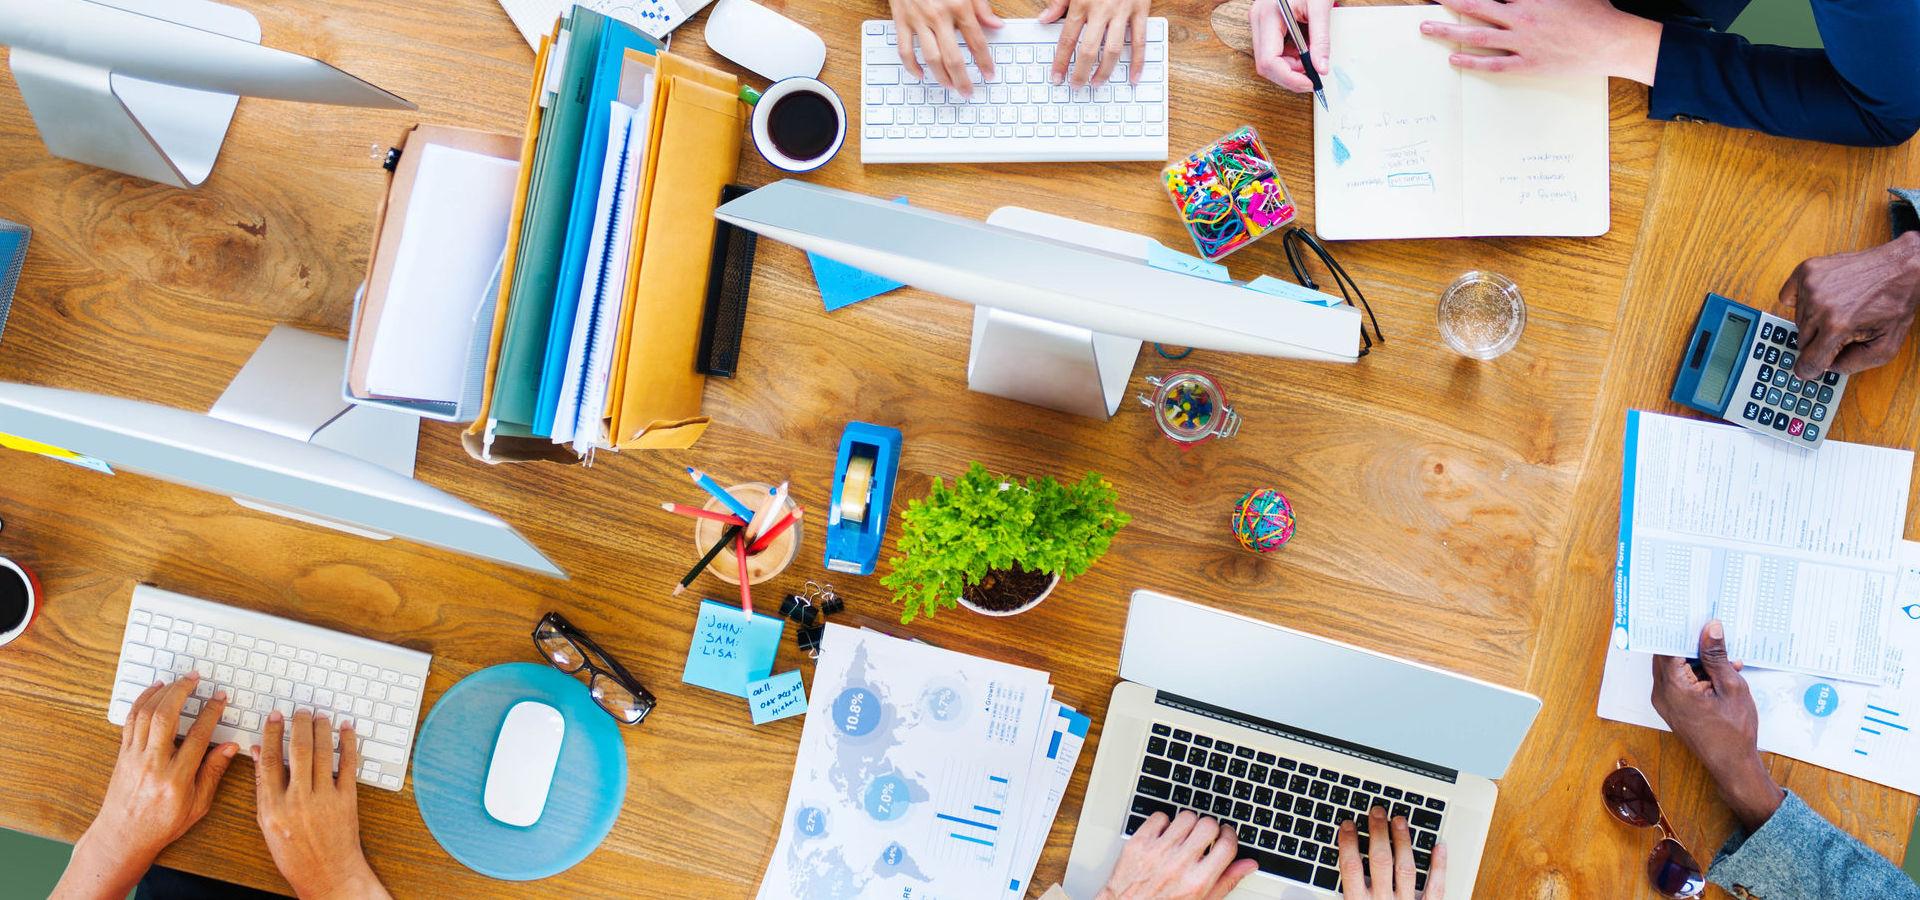 6 types of digital marketing blog .jpg